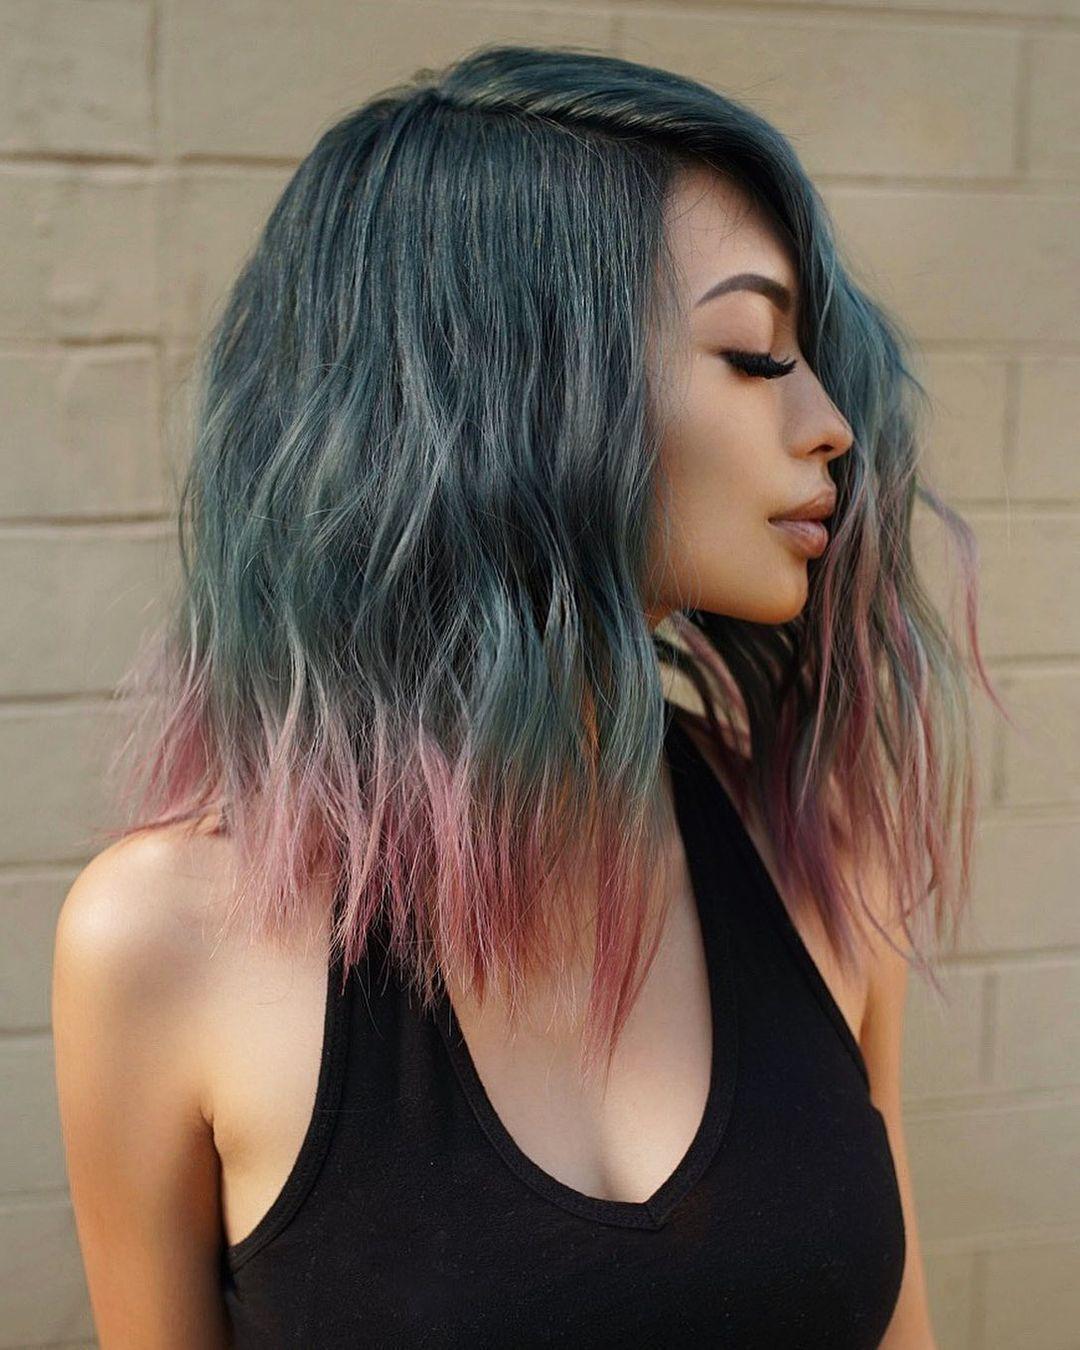 Окрашивания волос в разные цвета